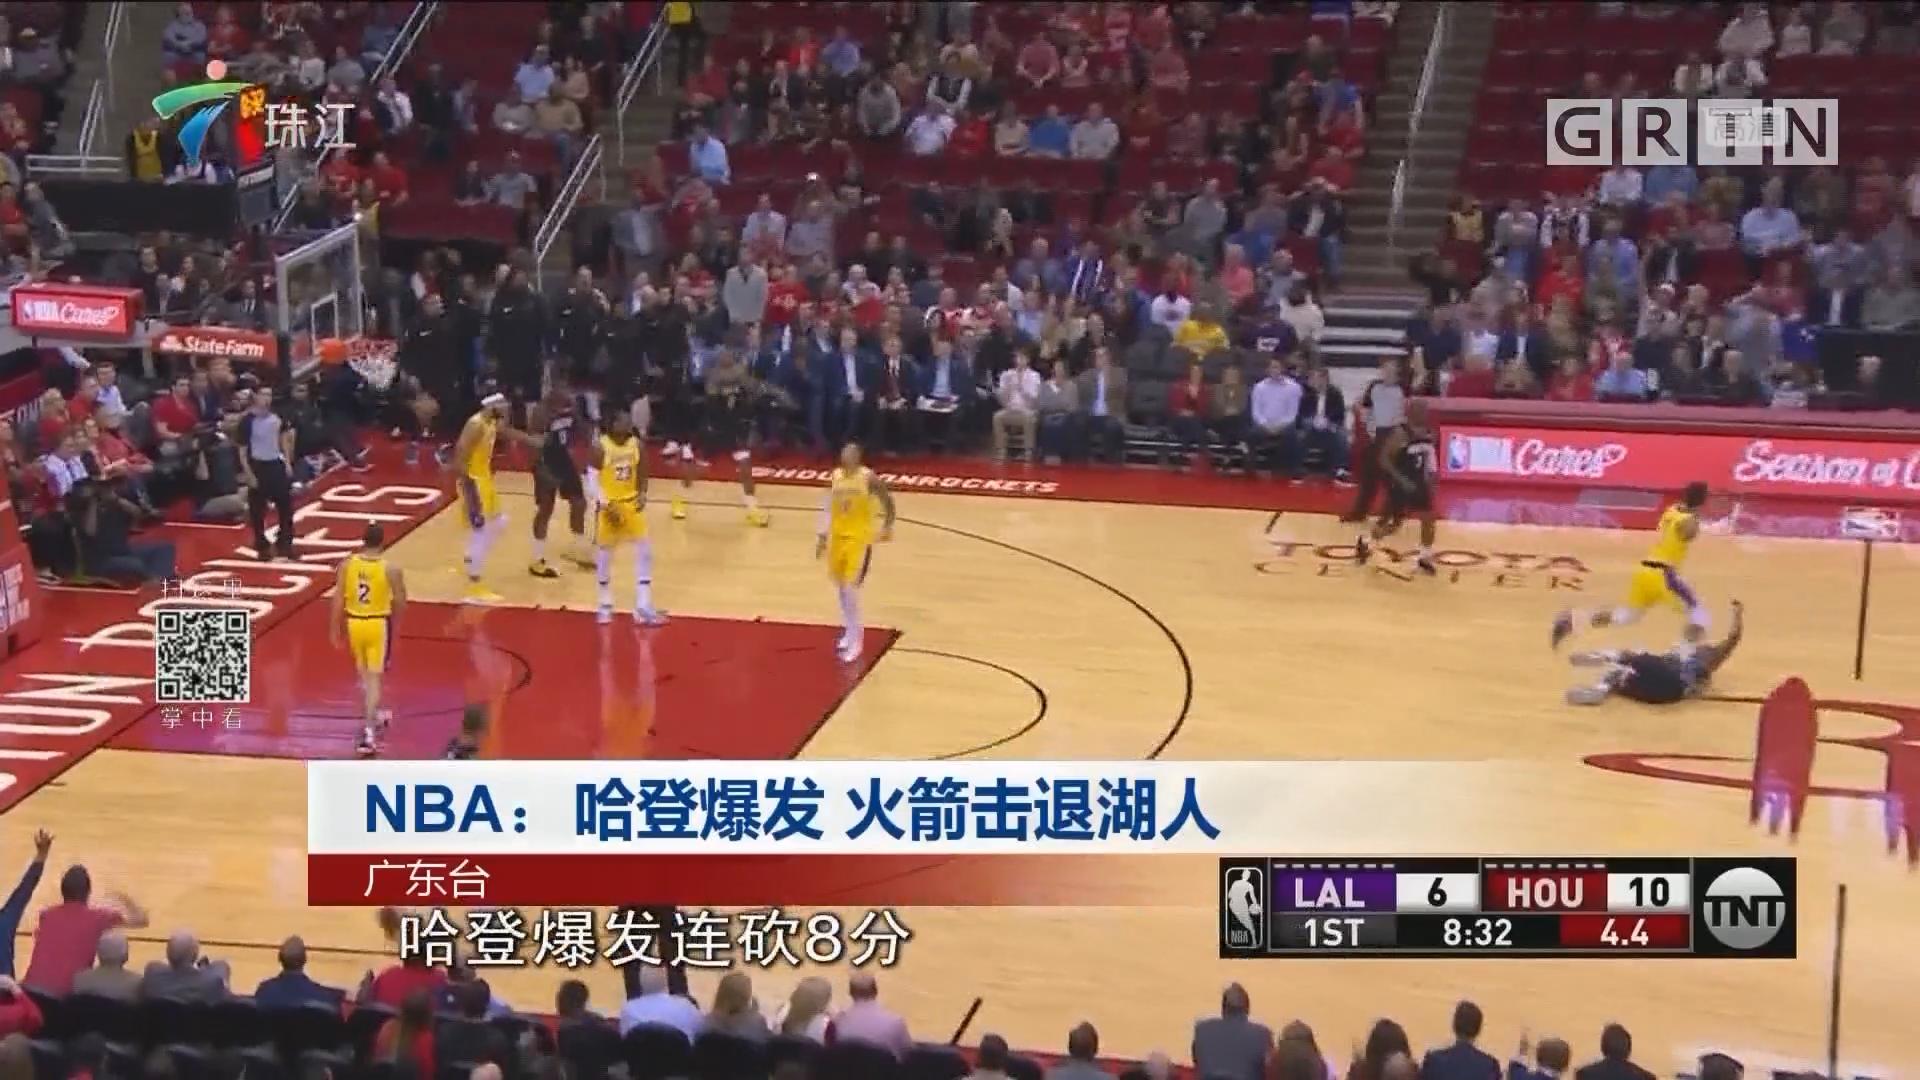 NBA:哈登爆发 火箭击退湖人